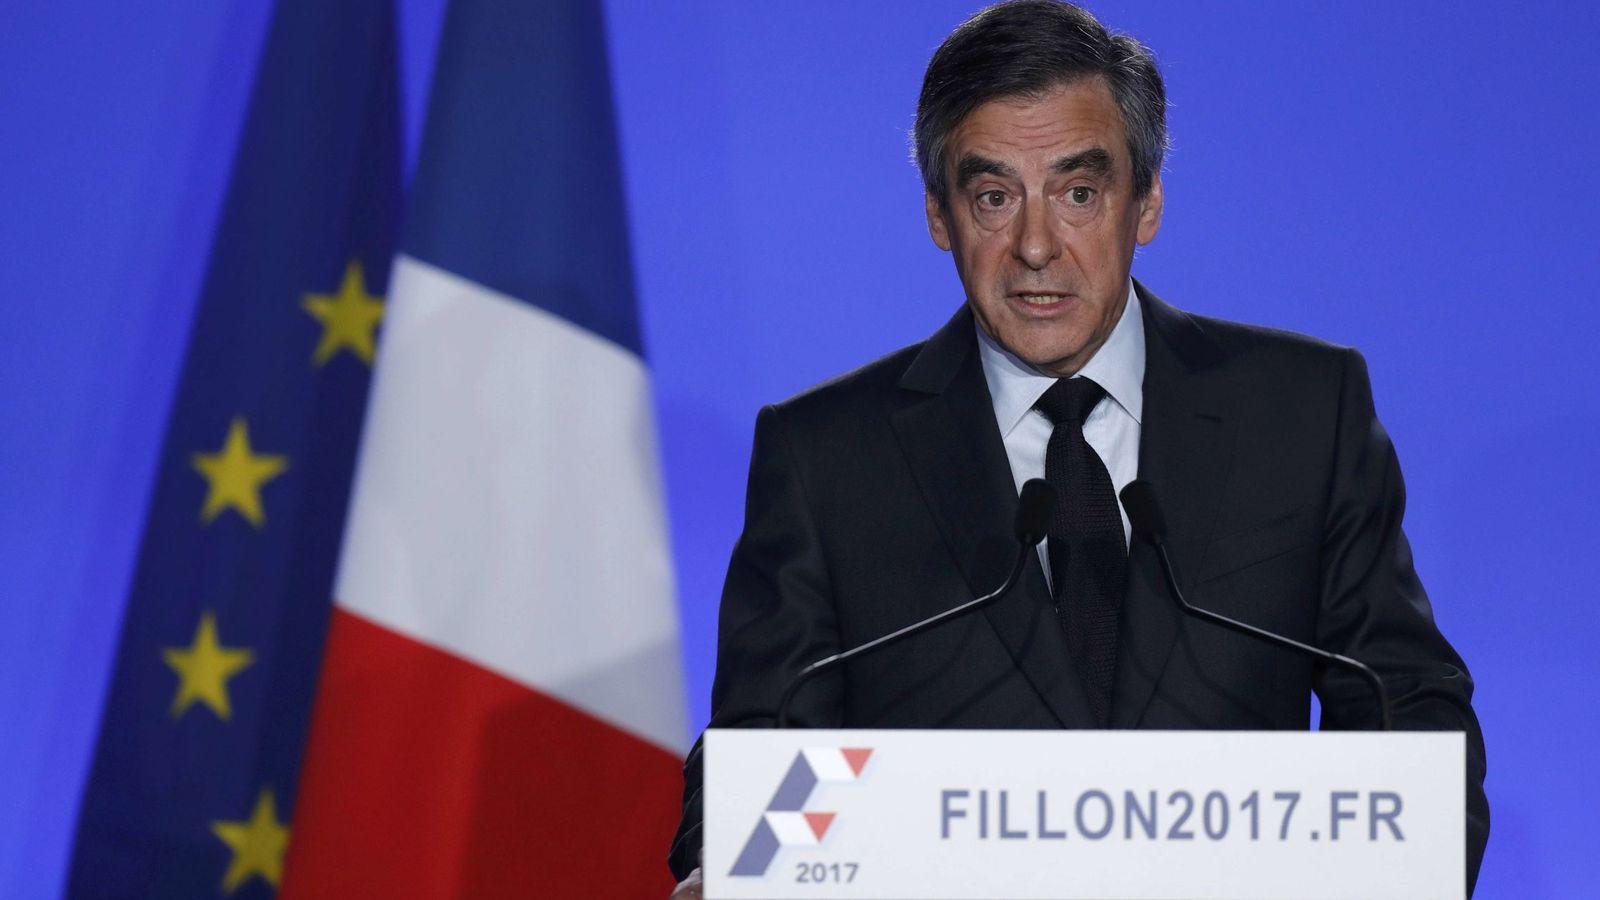 Foto: Francois Fillon, candidato del centro derecha, durante su comparecencia en la sede de su campaña, en París (Reuters).